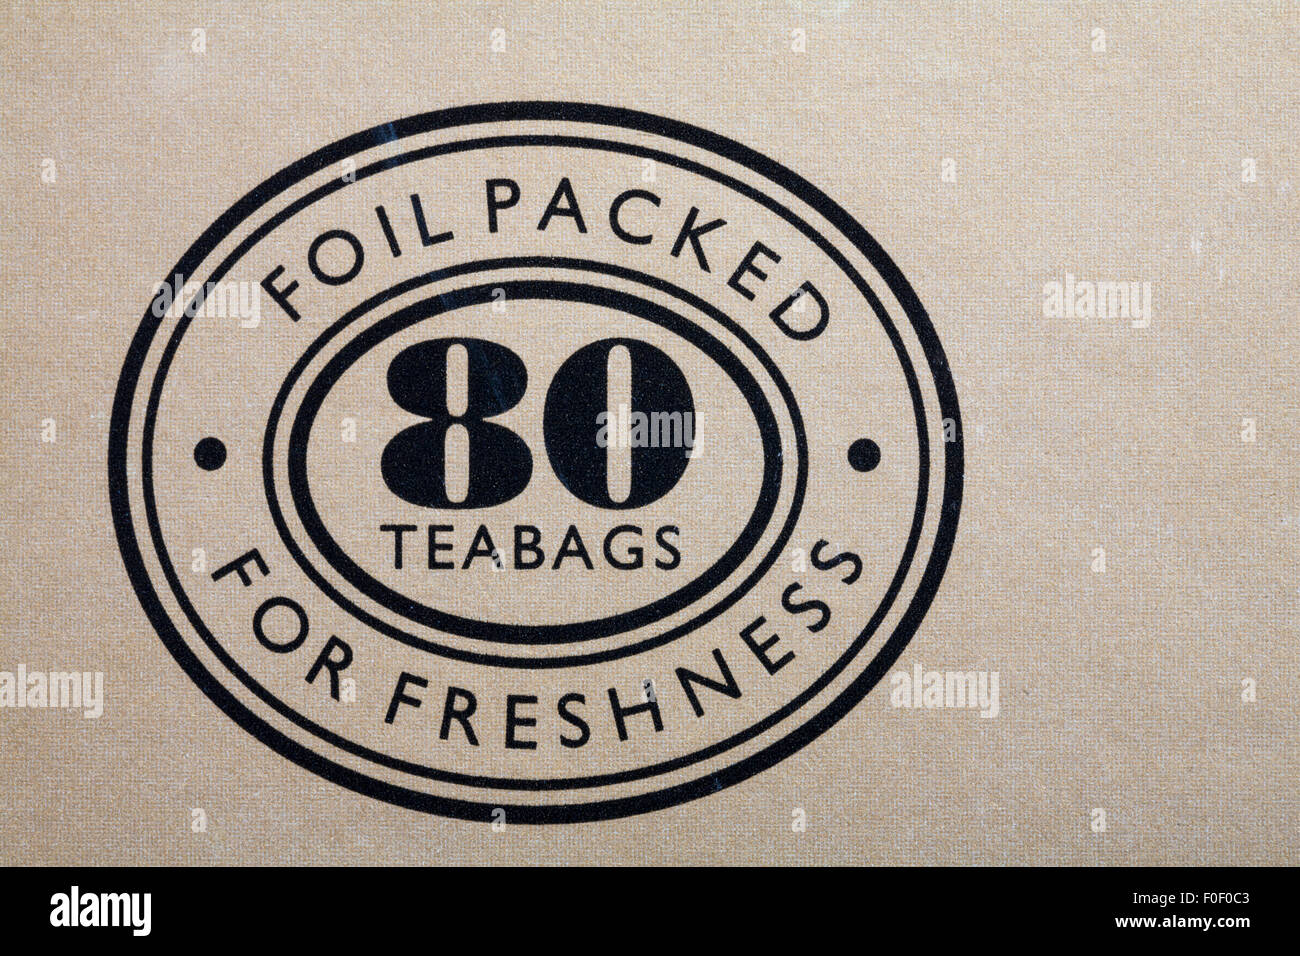 foil packed for freshness 80 teabags logo on box of marks spencer